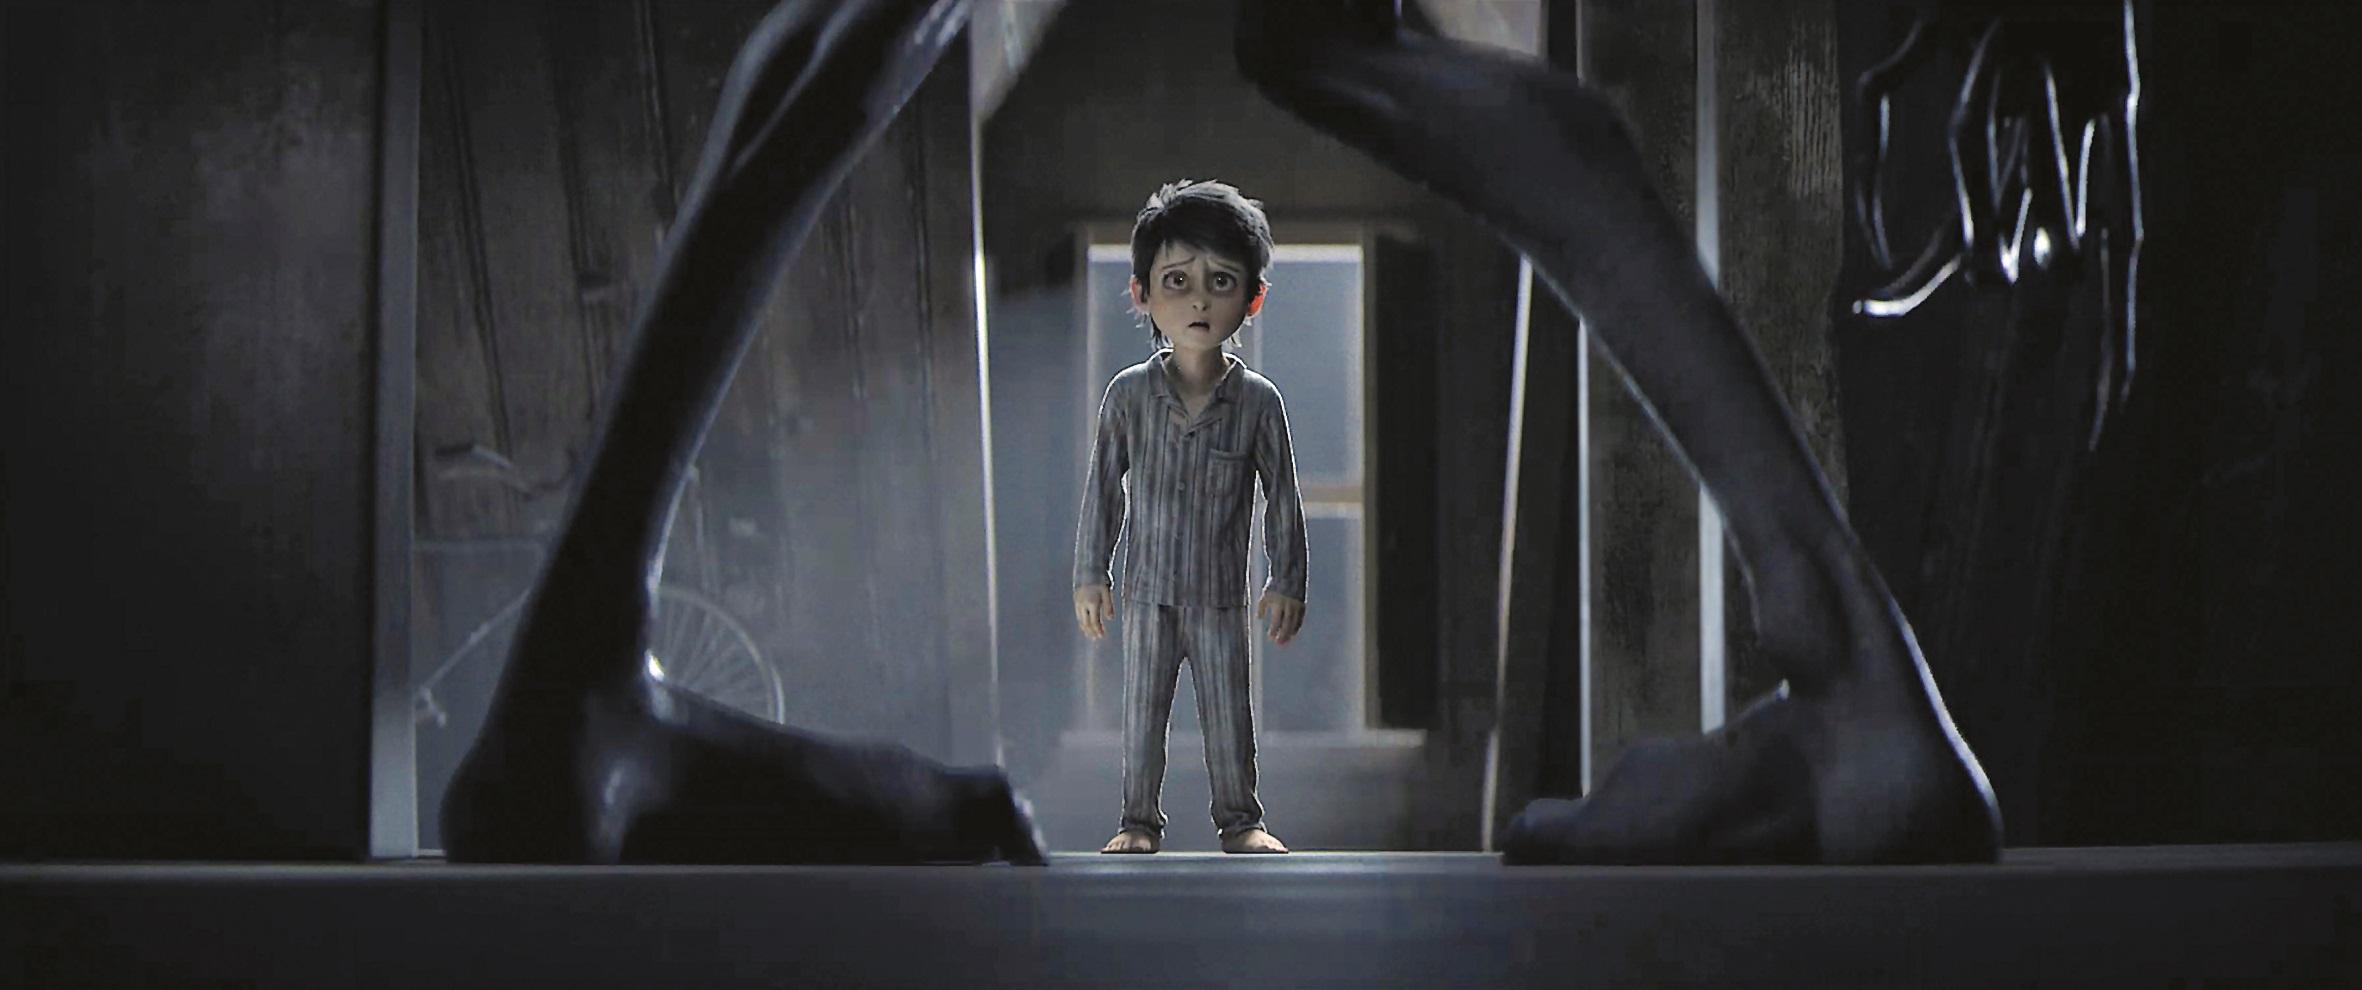 Keine Fluchtmöglichkeit mehr: Der Junge muss sich seinen Monstern stellen.